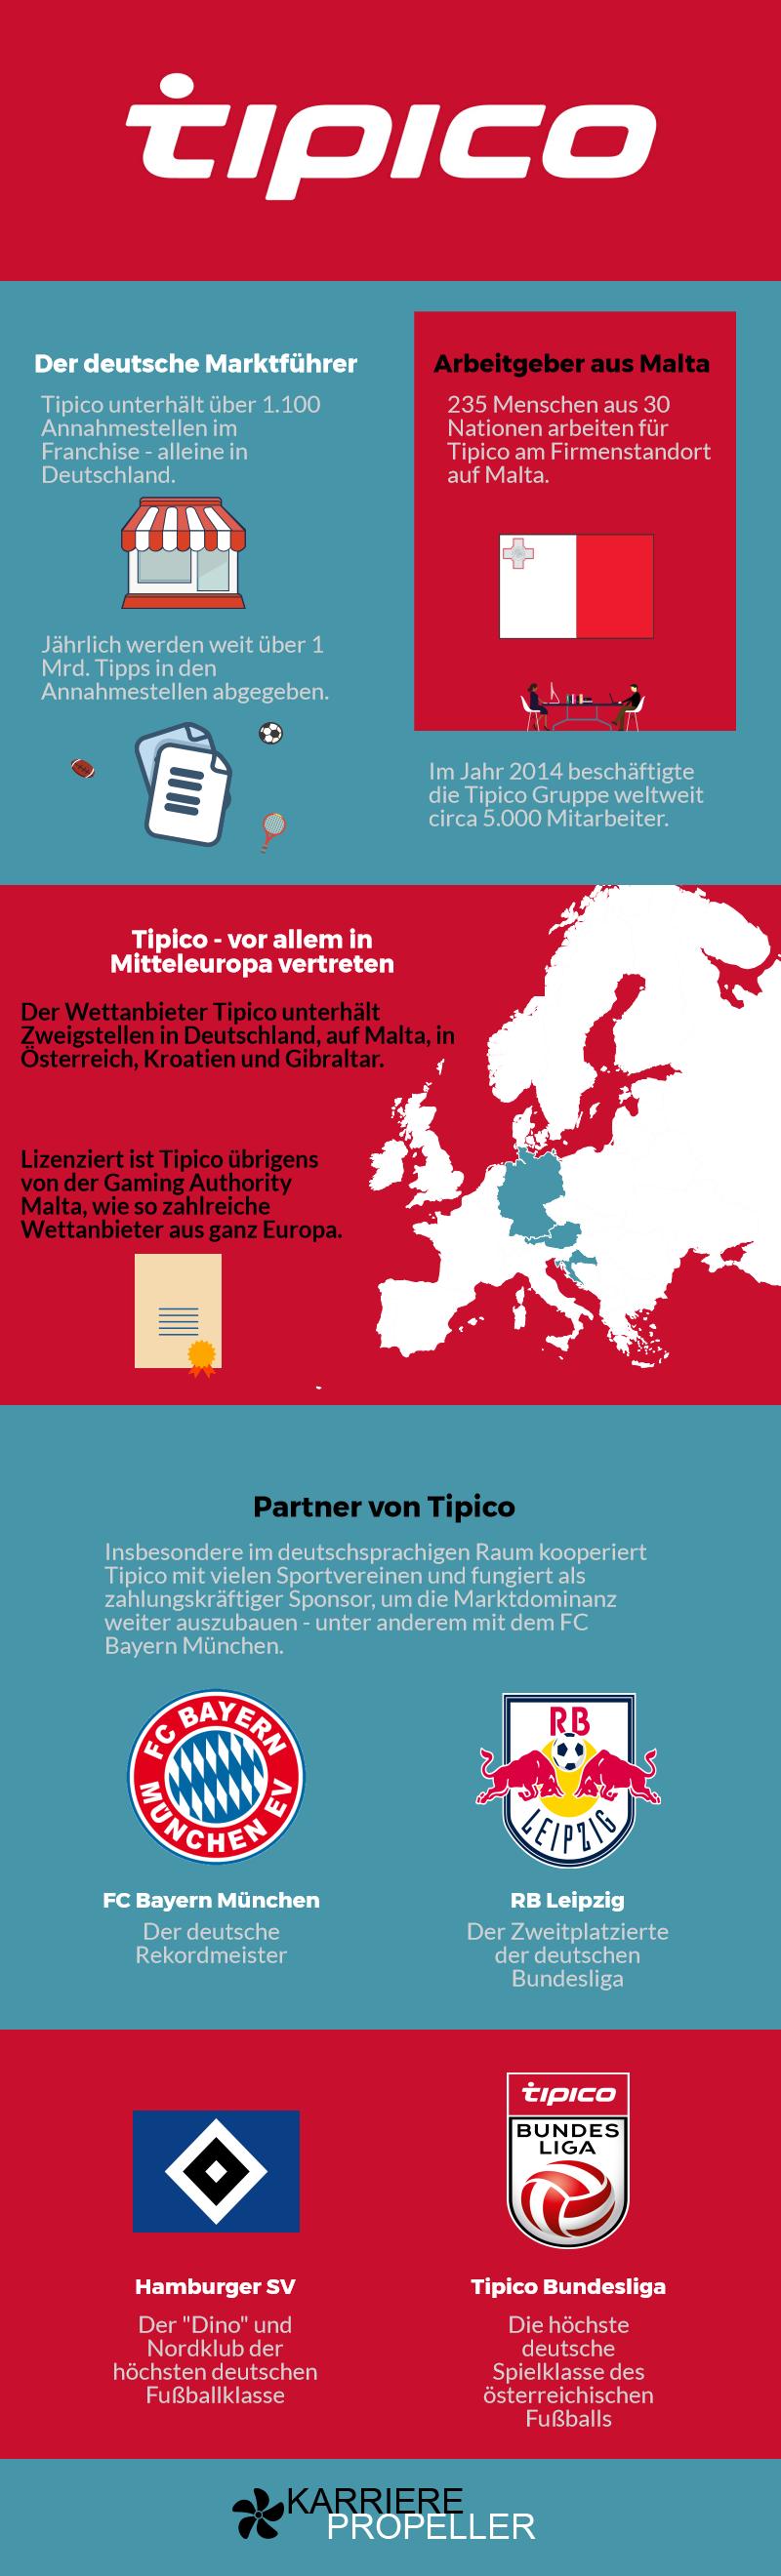 Das ist Tipico in Zahlen. Bildquelle: karrierepropeller.de